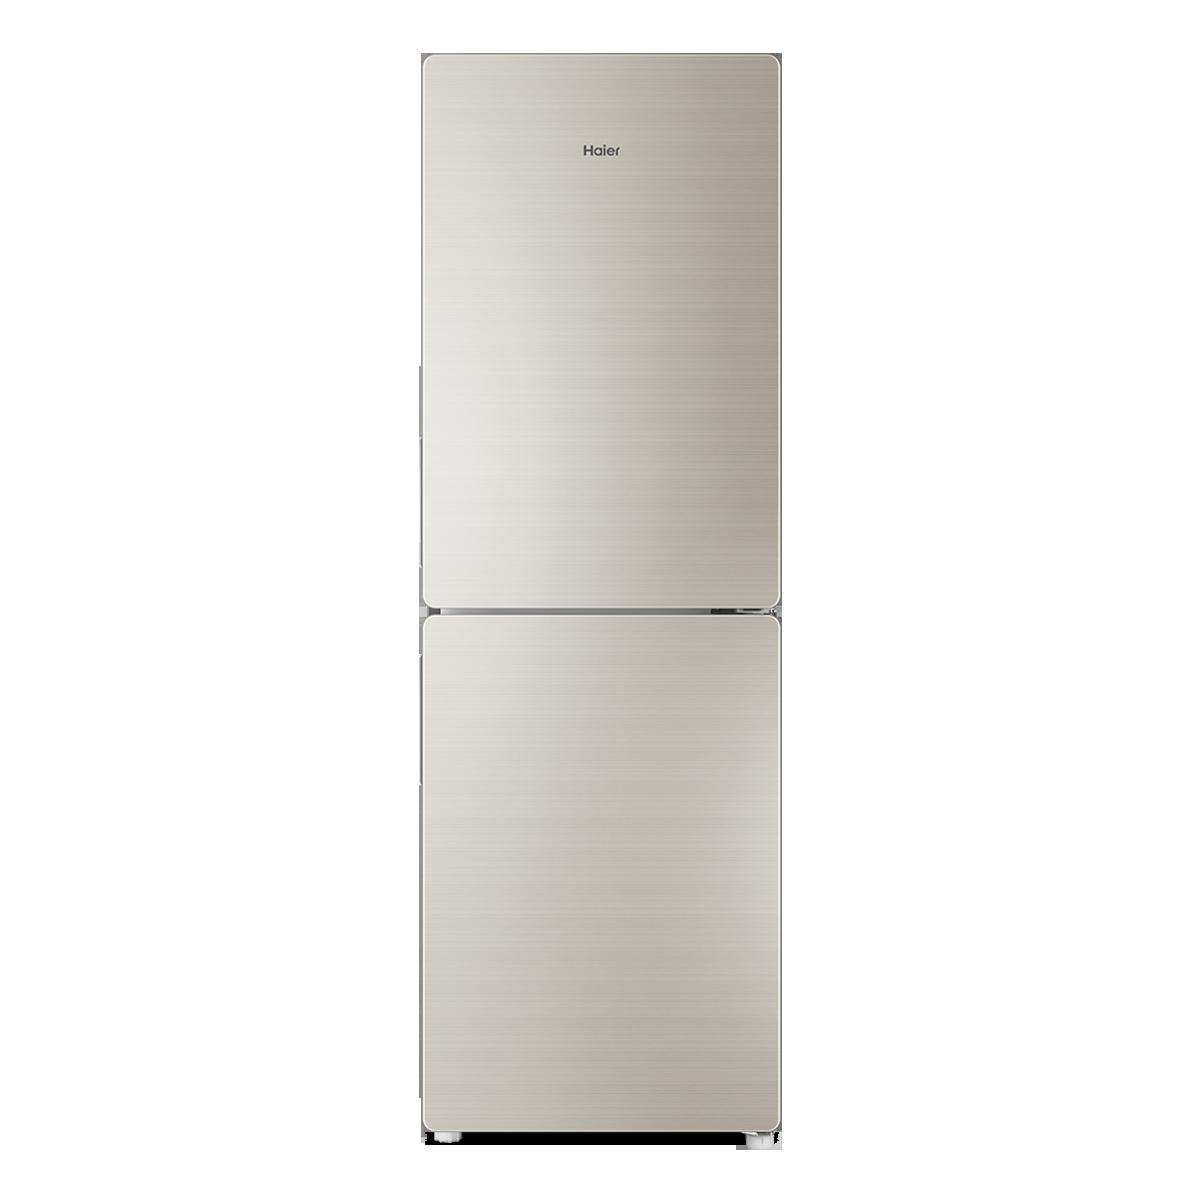 海尔Haier冰箱 BCD-190WDCO 说明书